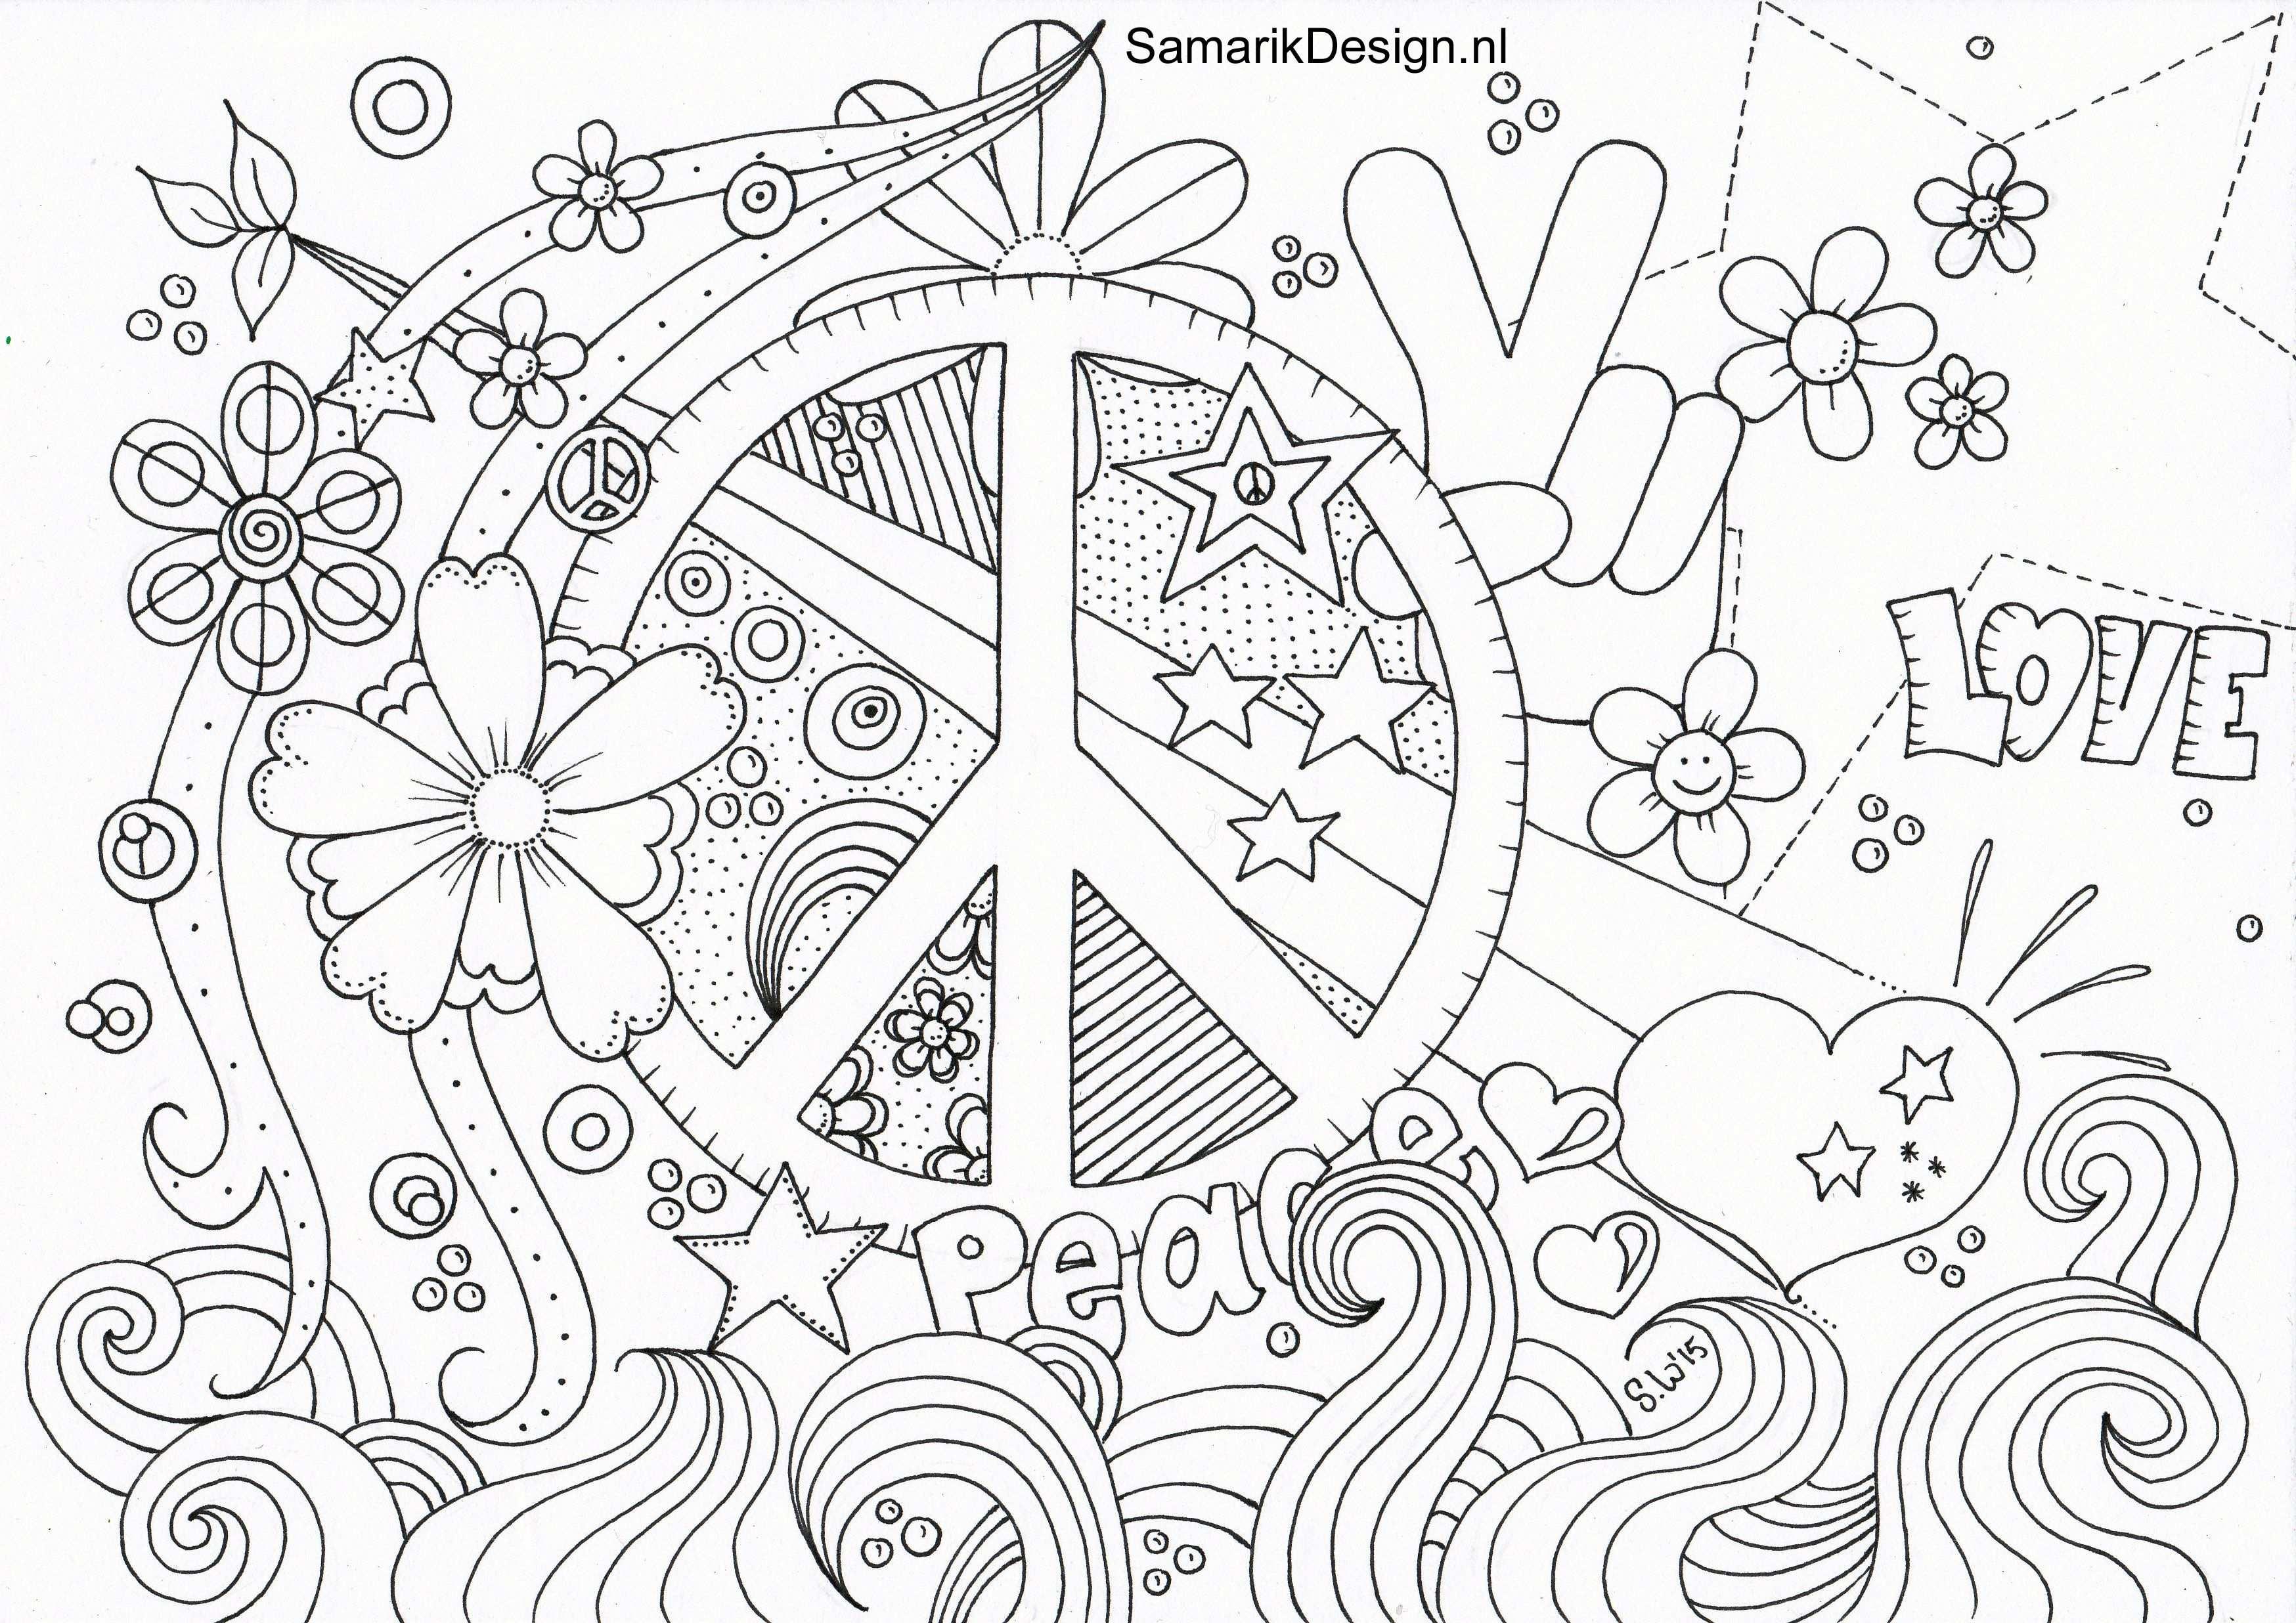 Kleurplaat Voor Volwassenen Peace Kleurplaten Kleurplaten Voor